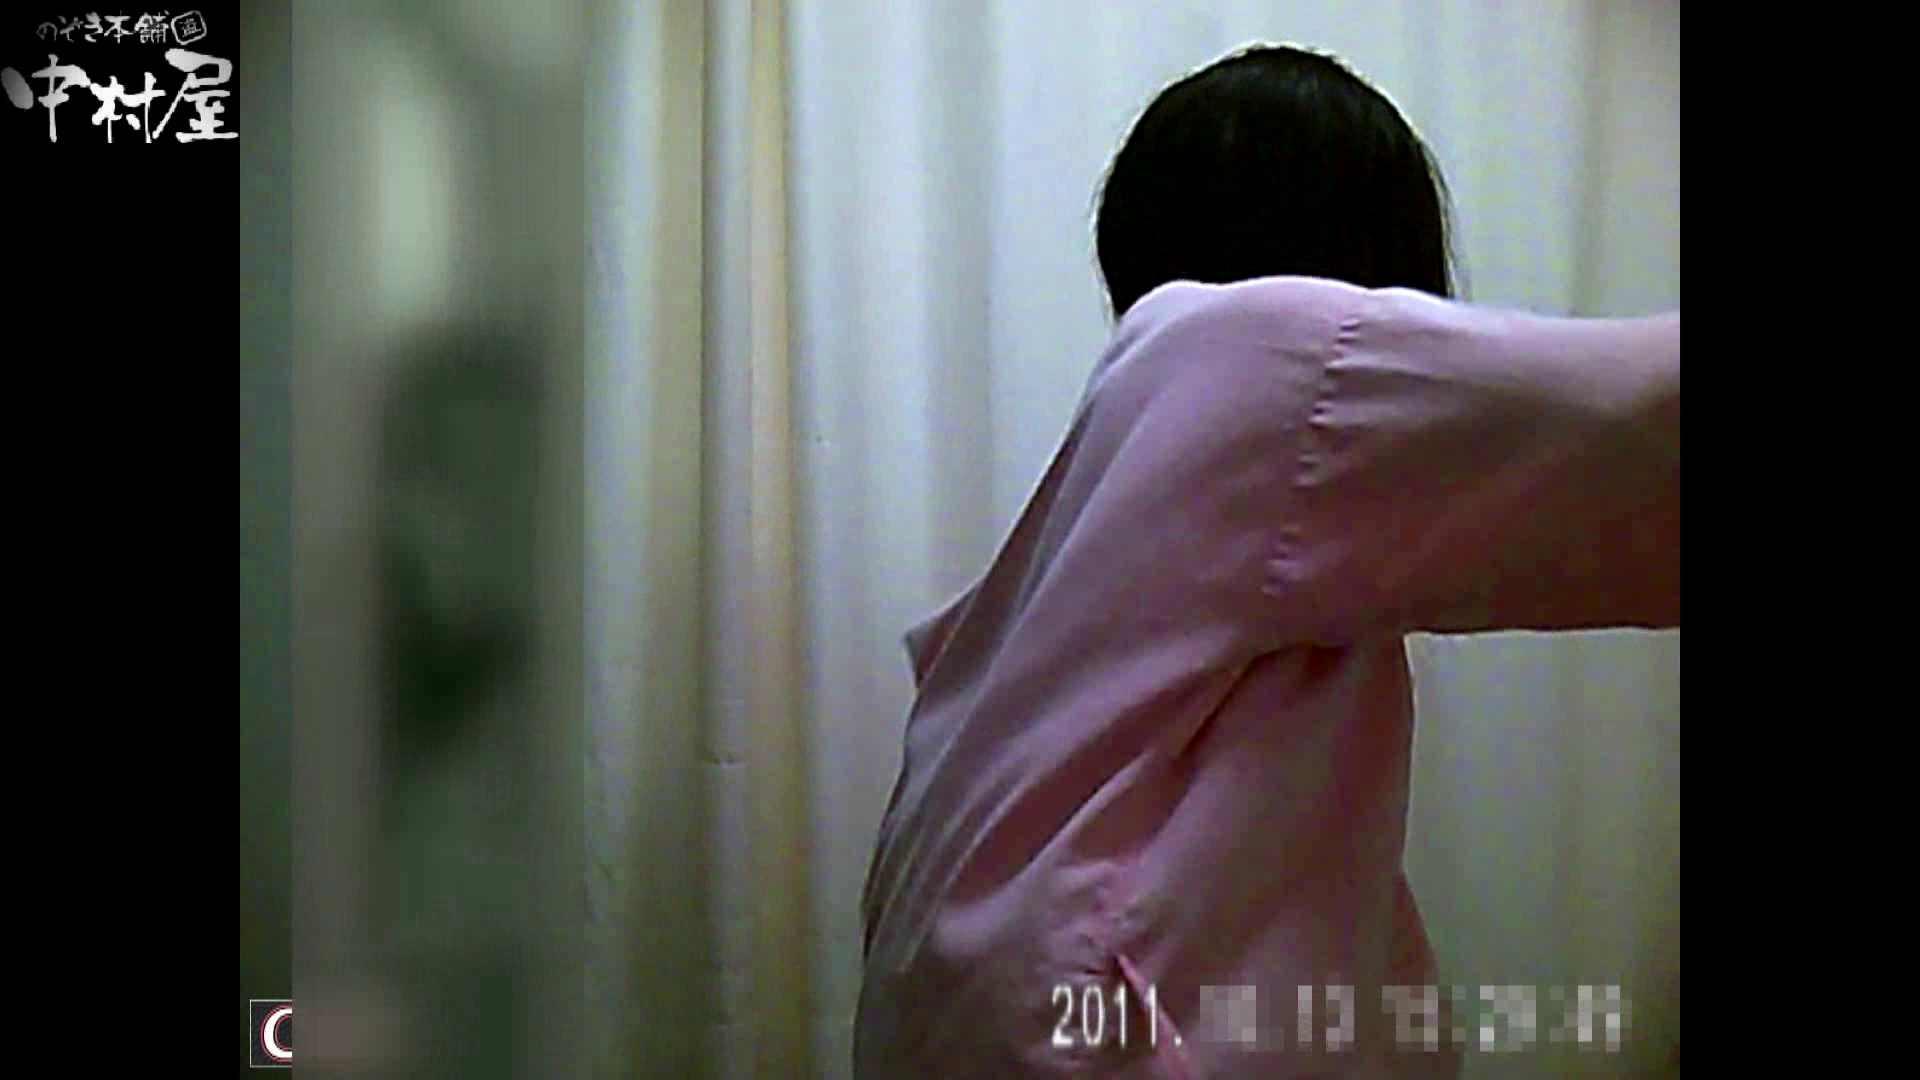 激ヤバ健康診断!着替えの一部始終.vol.56※本編ボカシ・目線無し ナース丸裸 盗み撮り動画キャプチャ 105pic 47